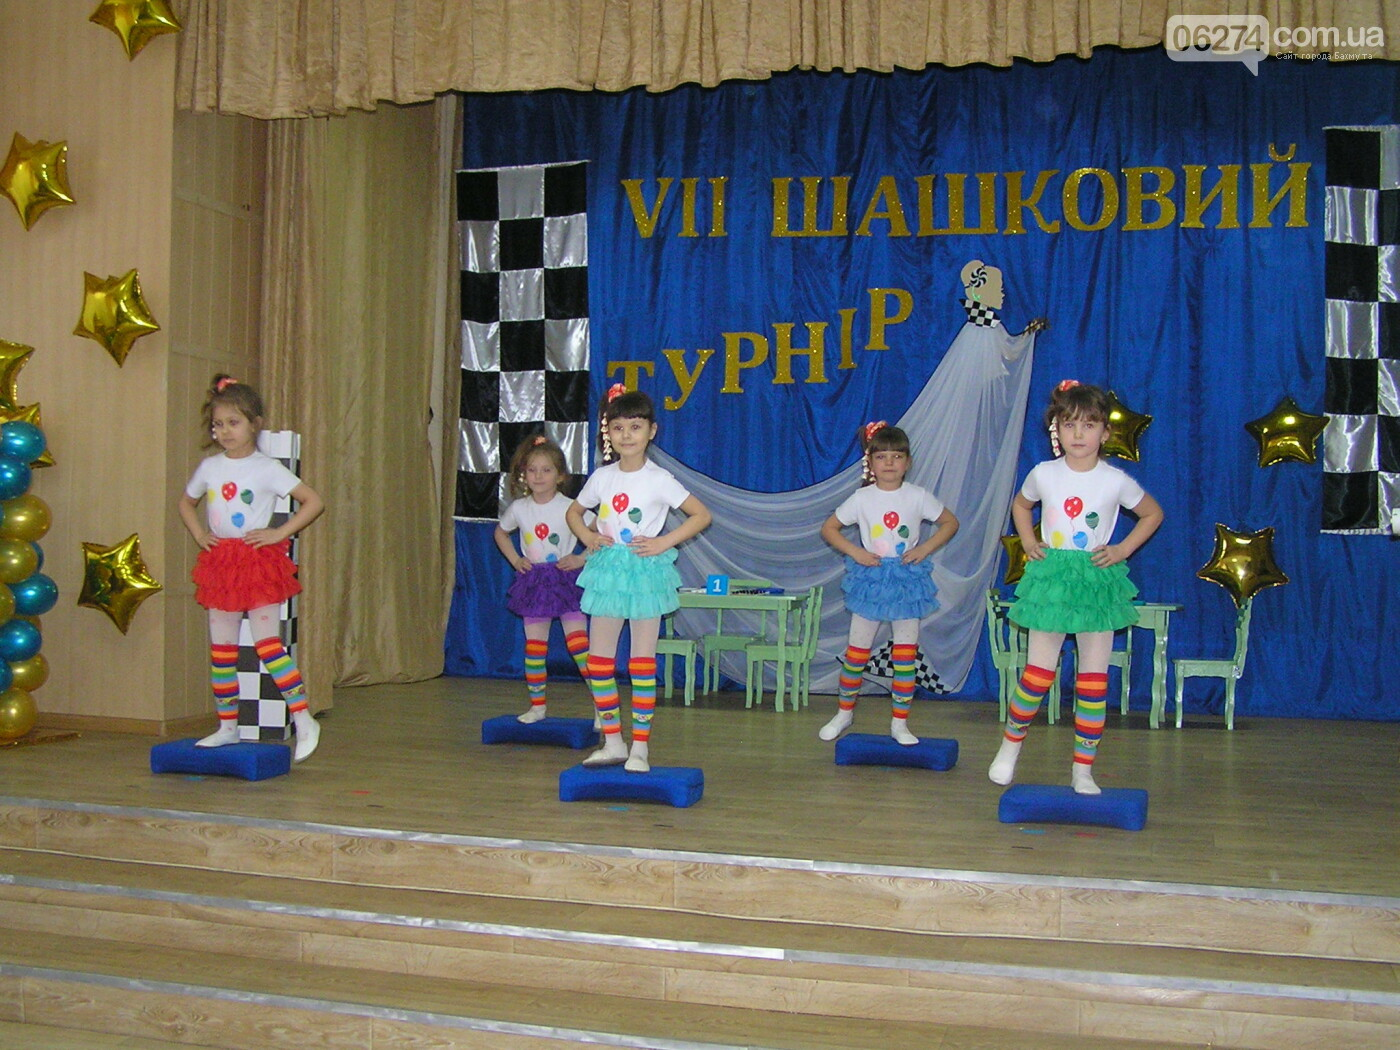 В Бахмуте прошел Финал VII шашечного турнира для детсадовцев, фото-8